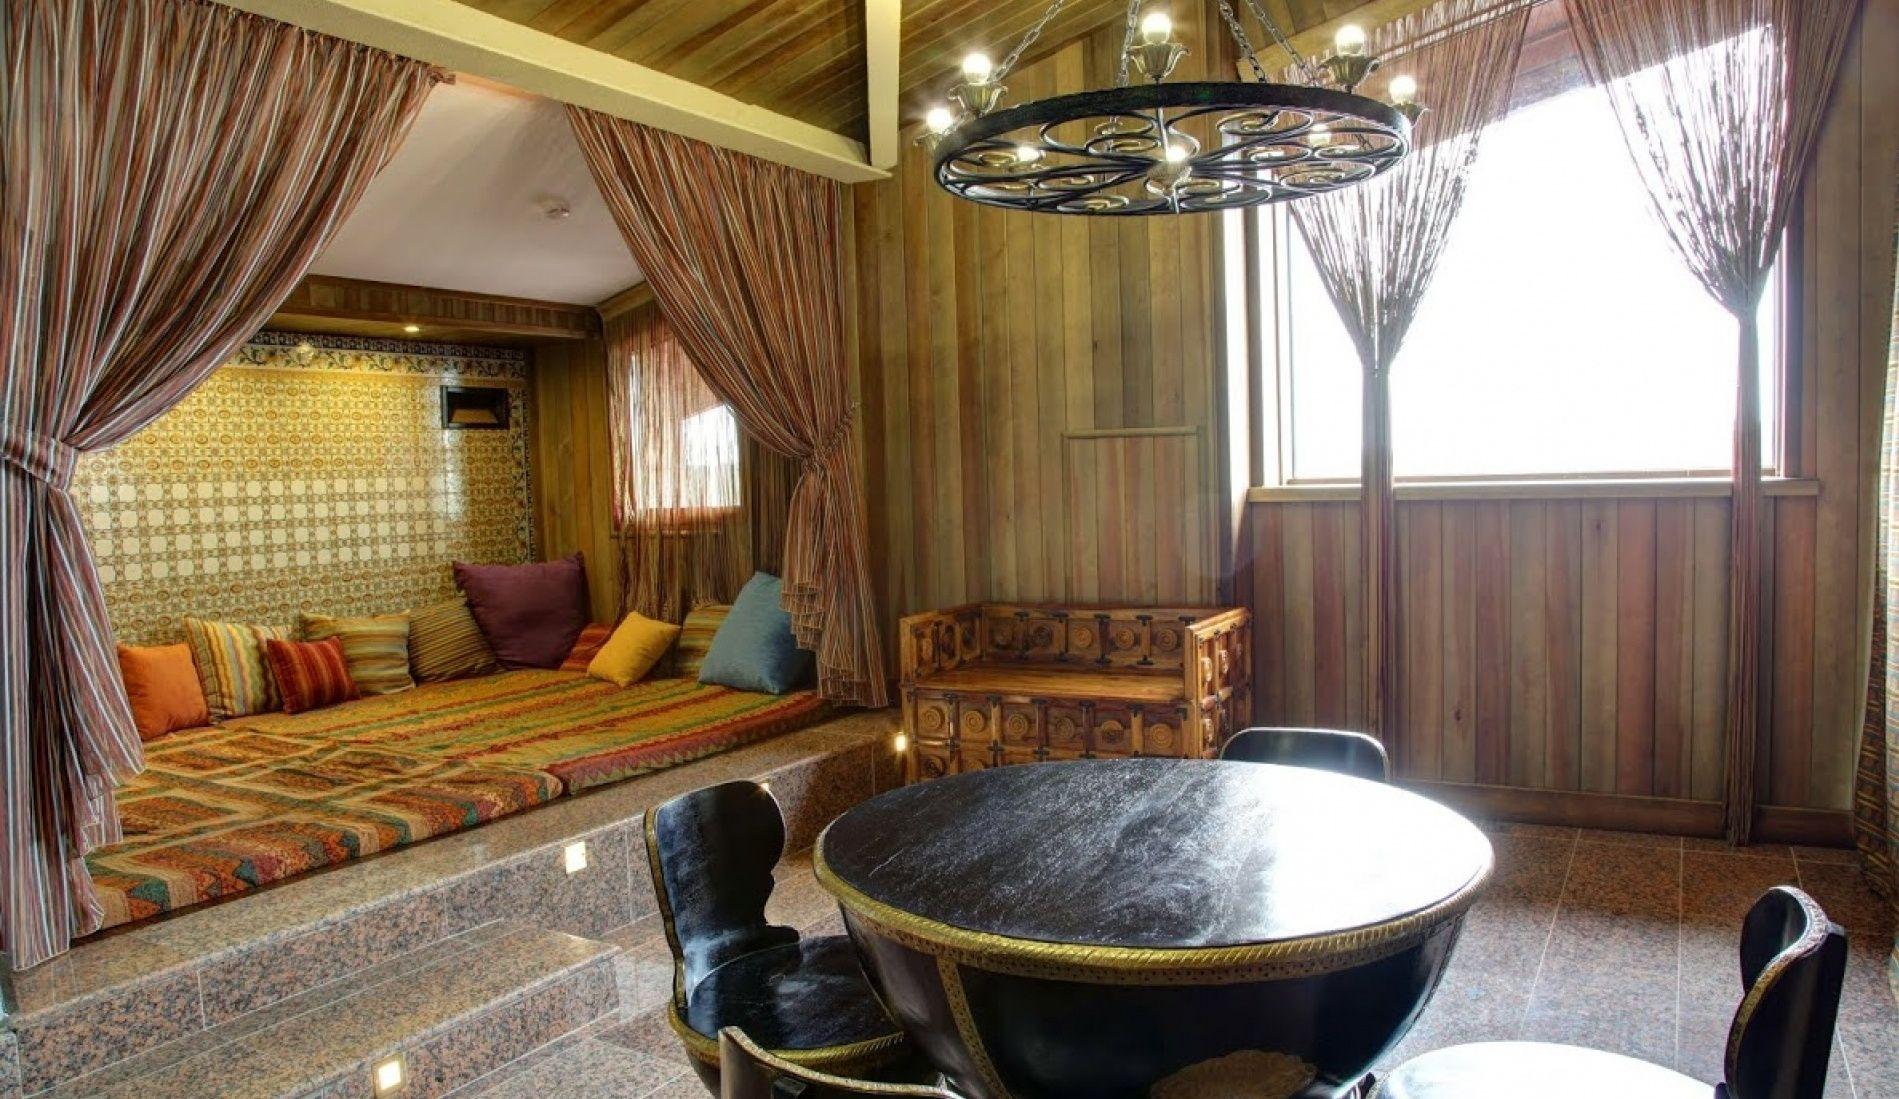 Эвент-отель «Конаково Ривер Клаб» Тверская область Номер «Пентхаус», фото 2